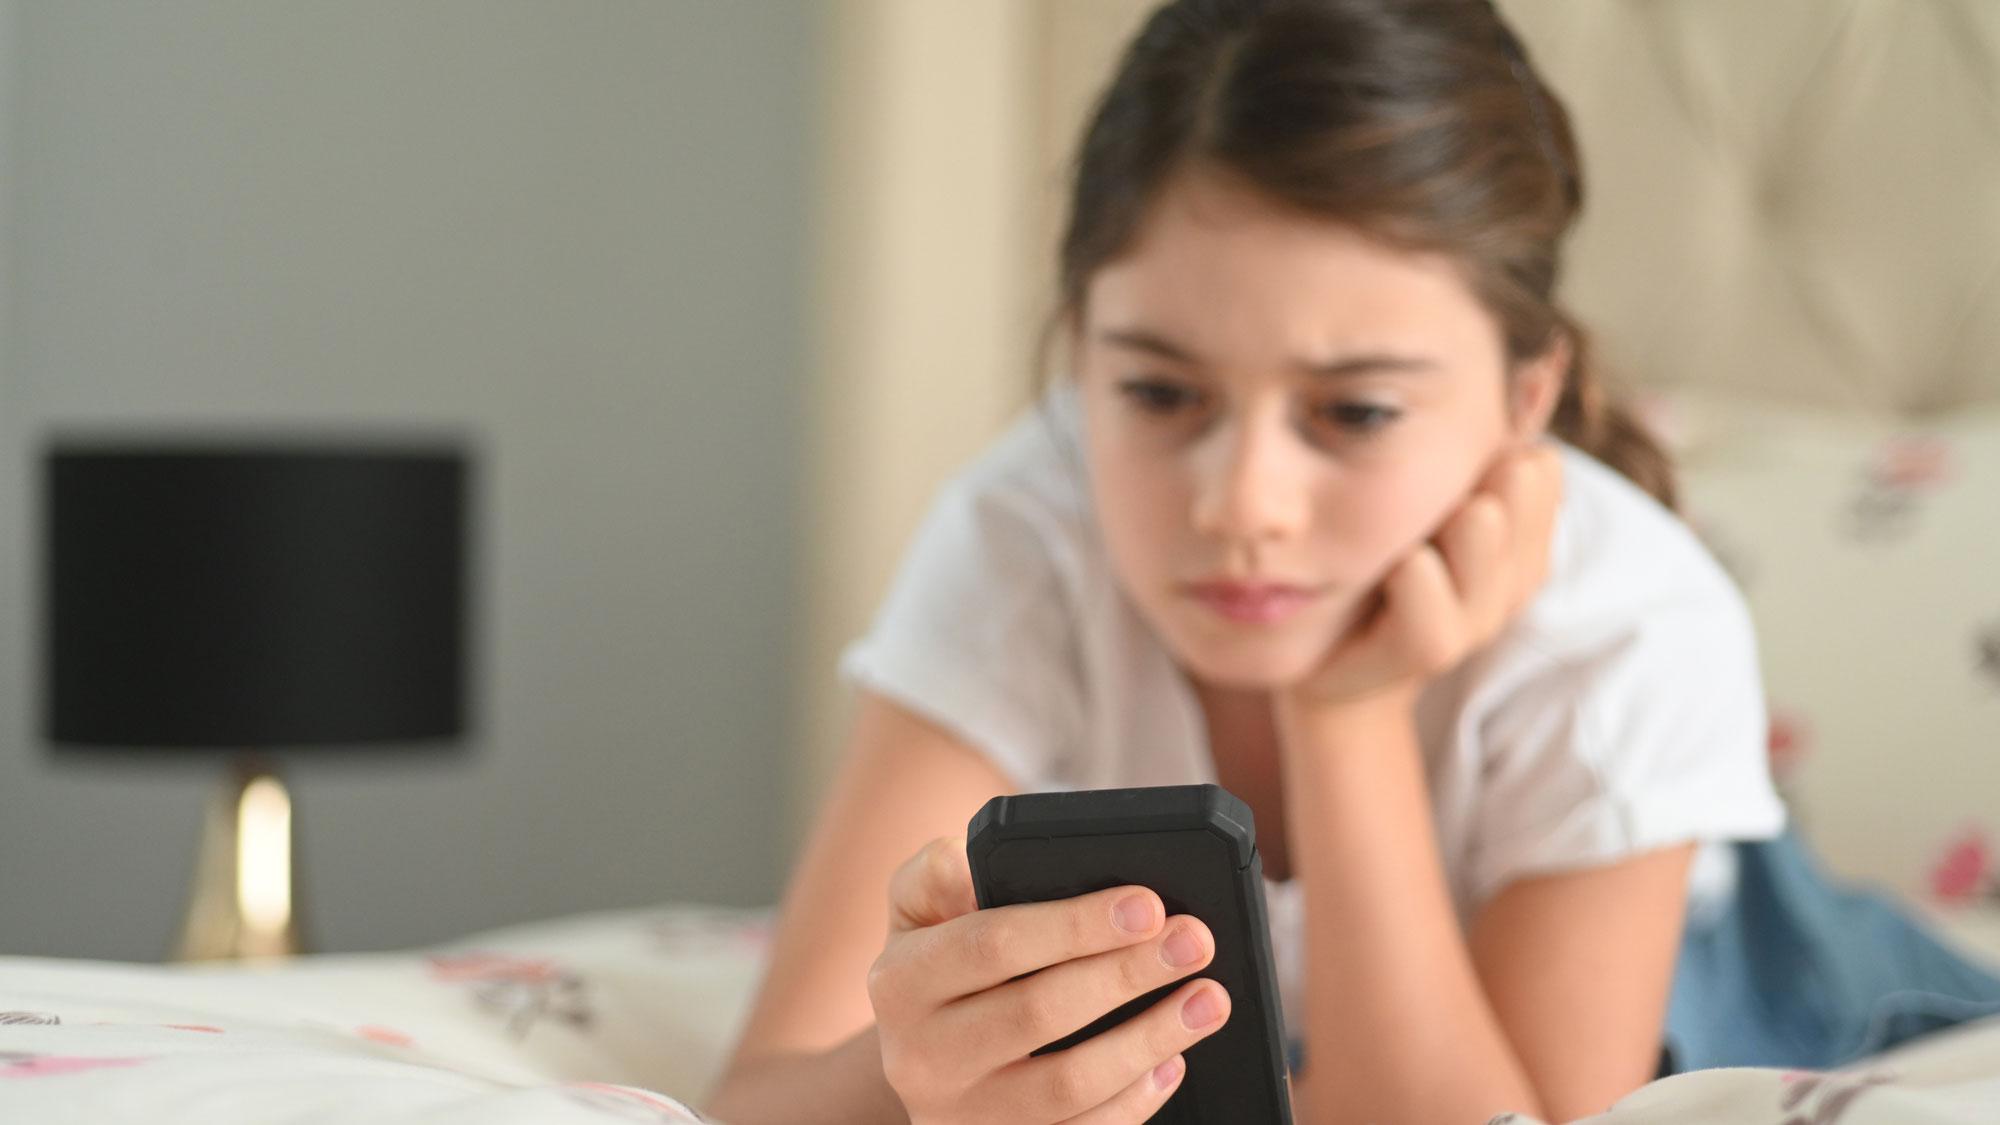 child on smartphone looking sad